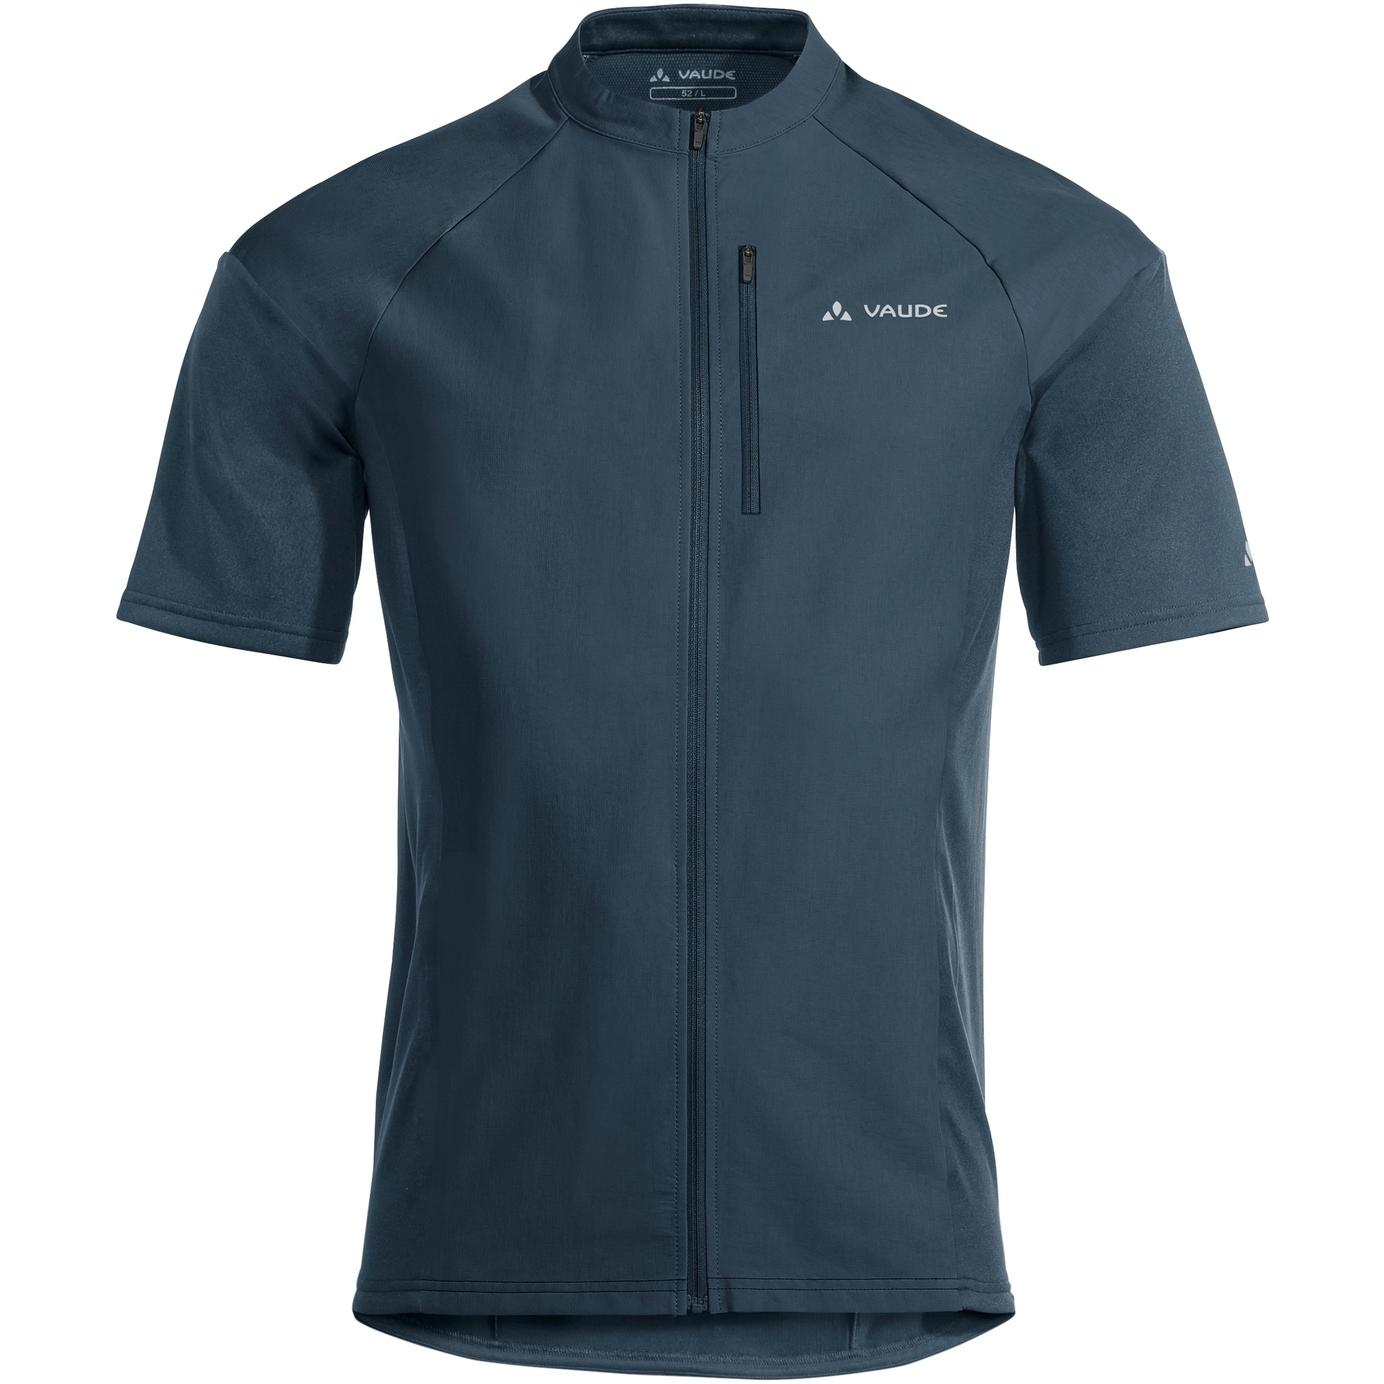 Vaude Men's Qimsa Wind T-Shirt - steelblue